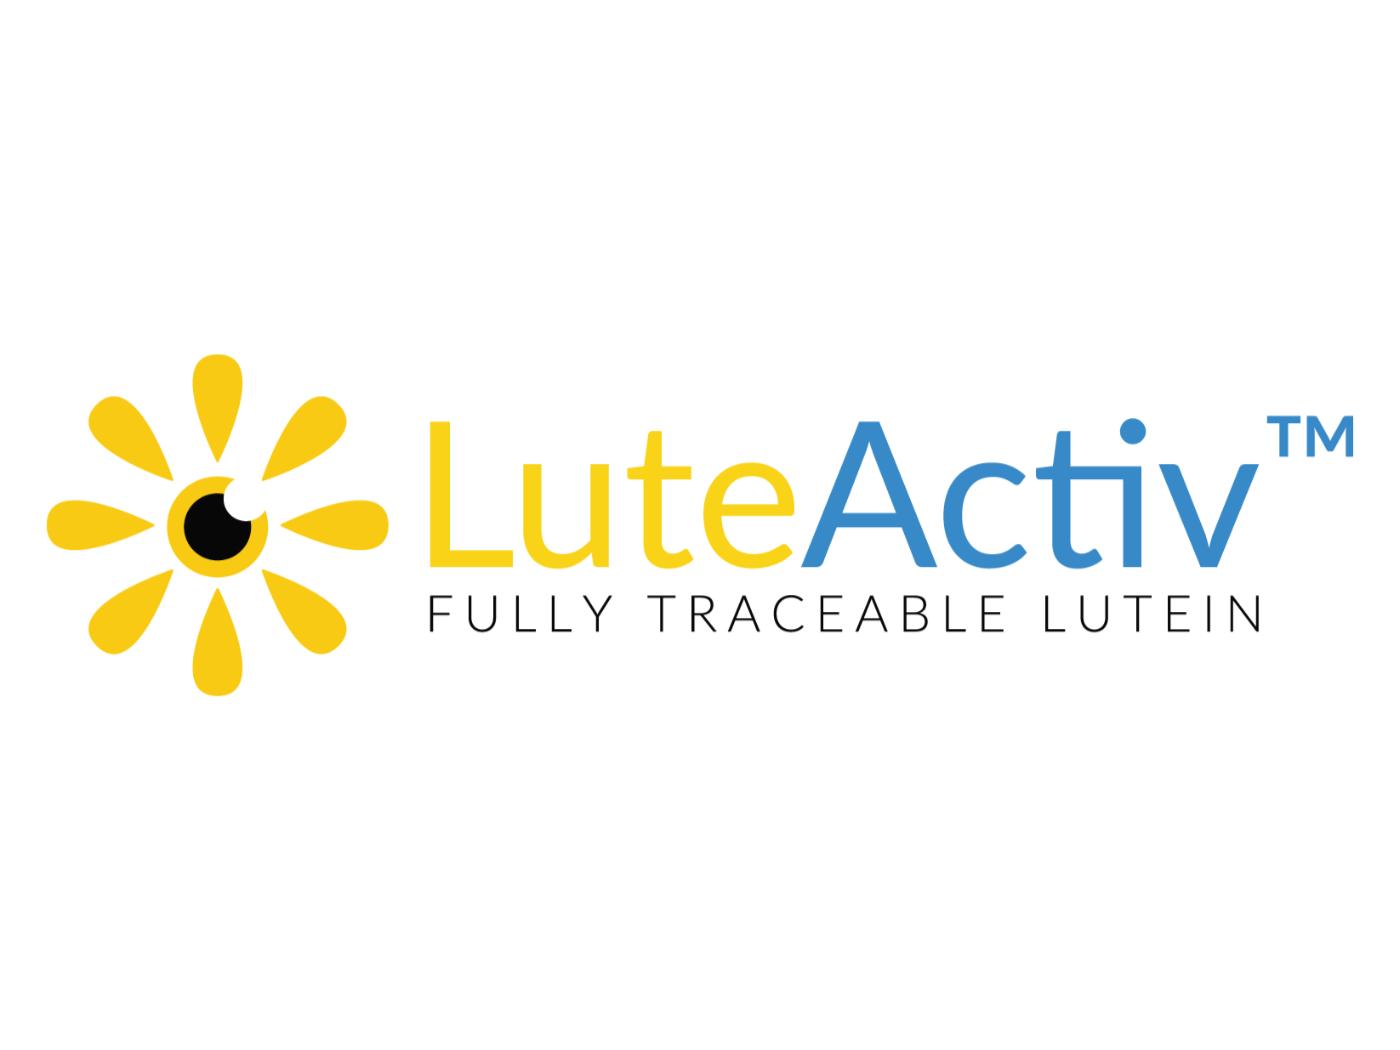 LuteActiv™ Lutein